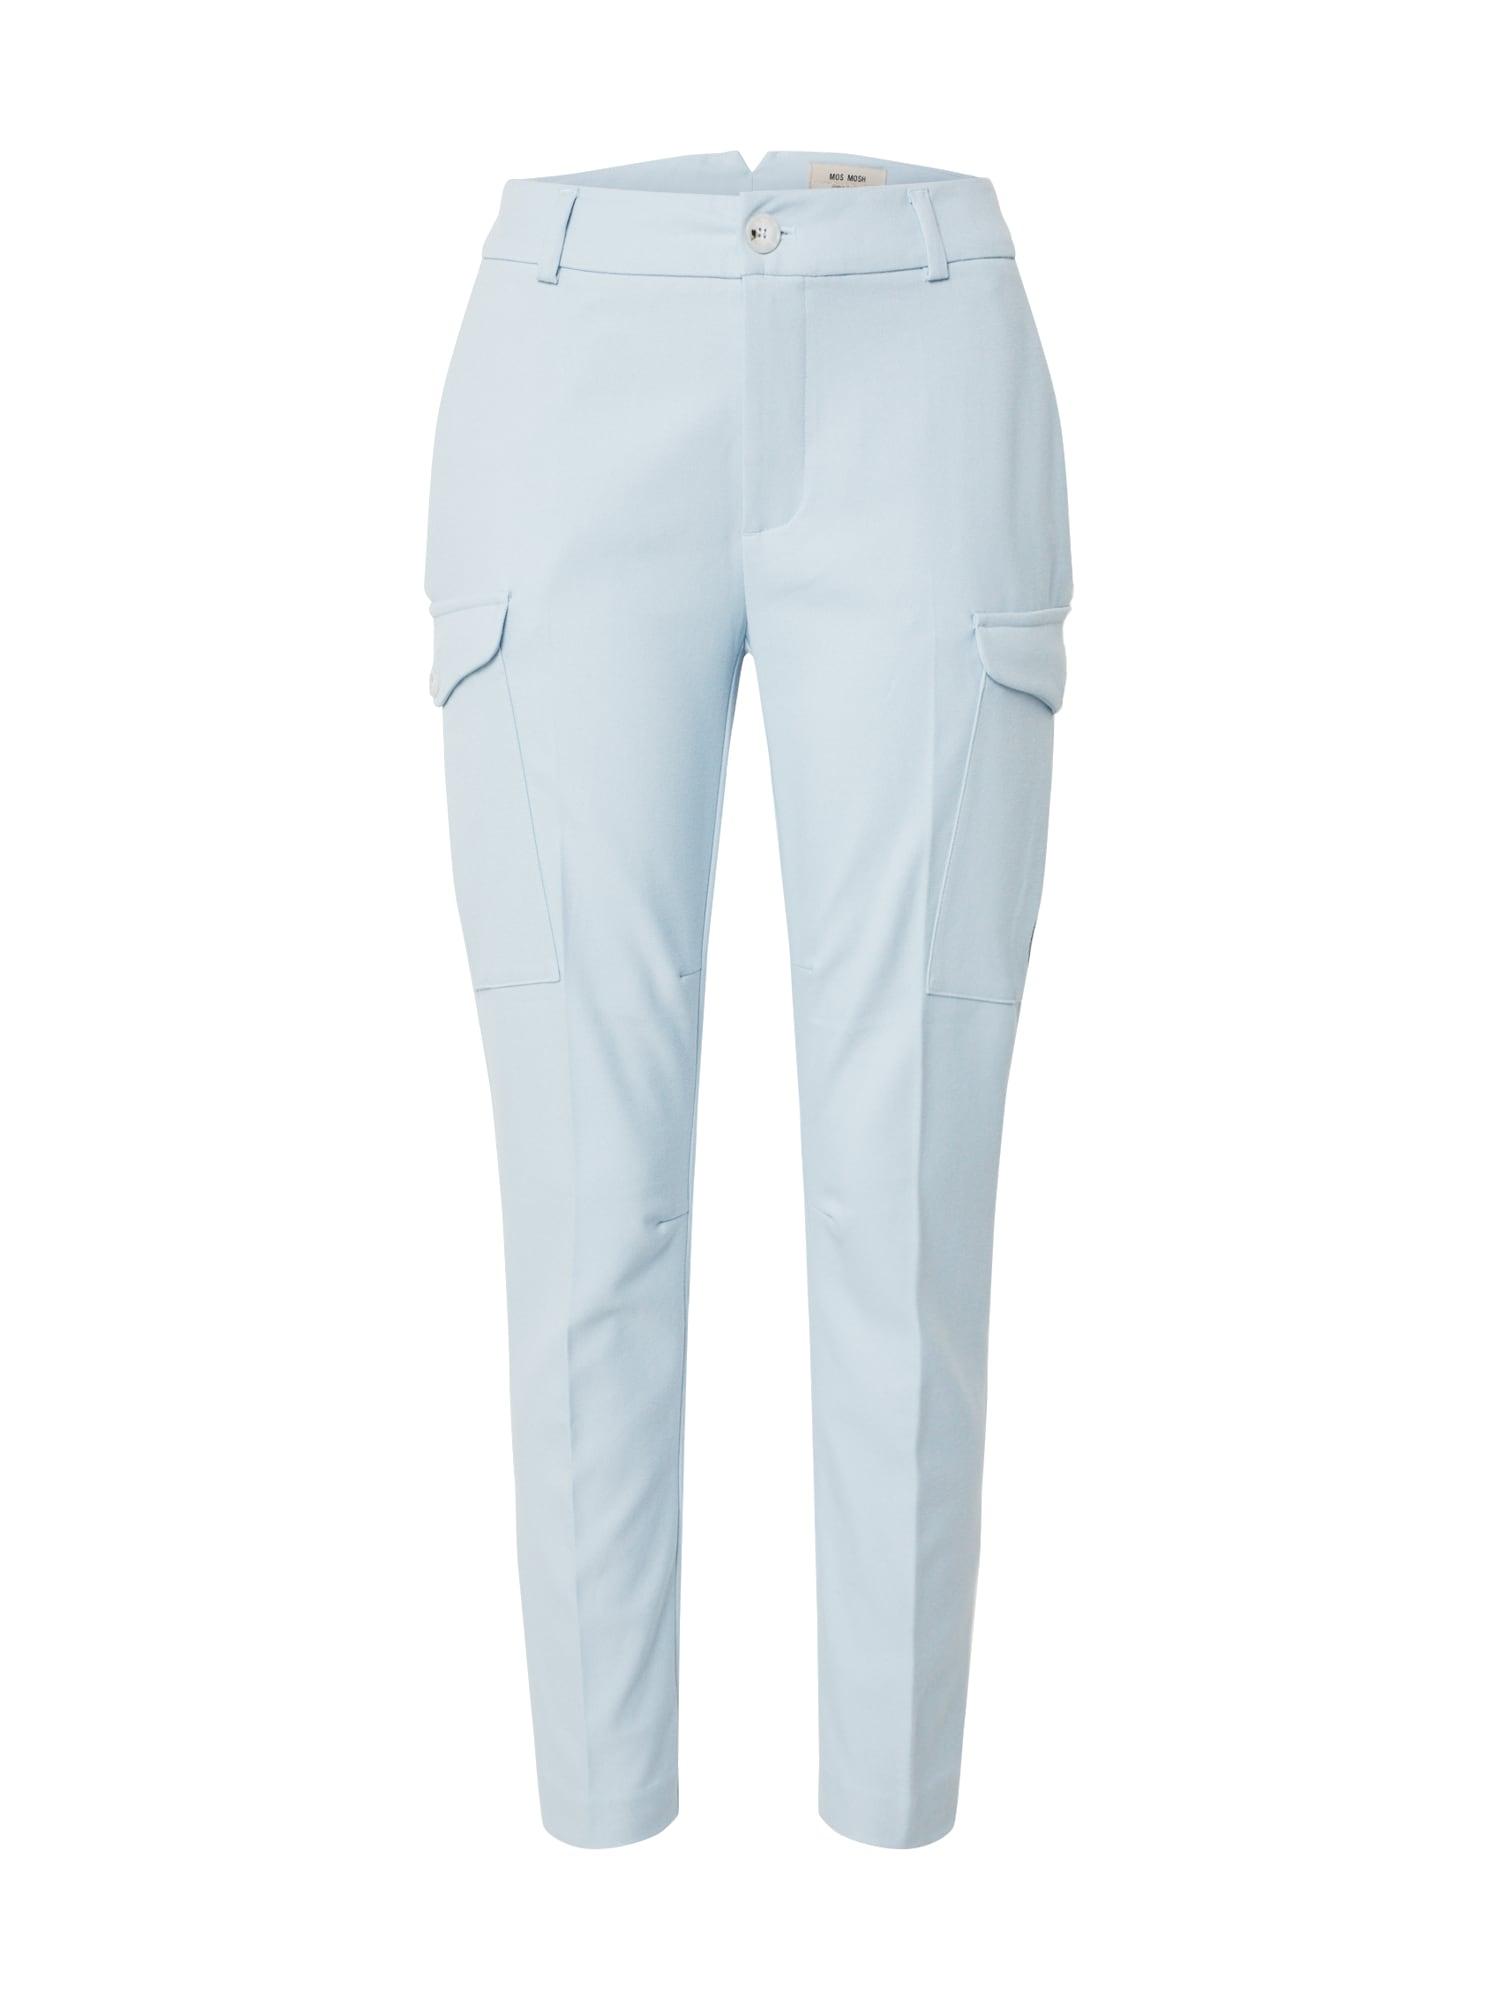 MOS MOSH Laisvo stiliaus kelnės 'Ray Twiggy' šviesiai mėlyna